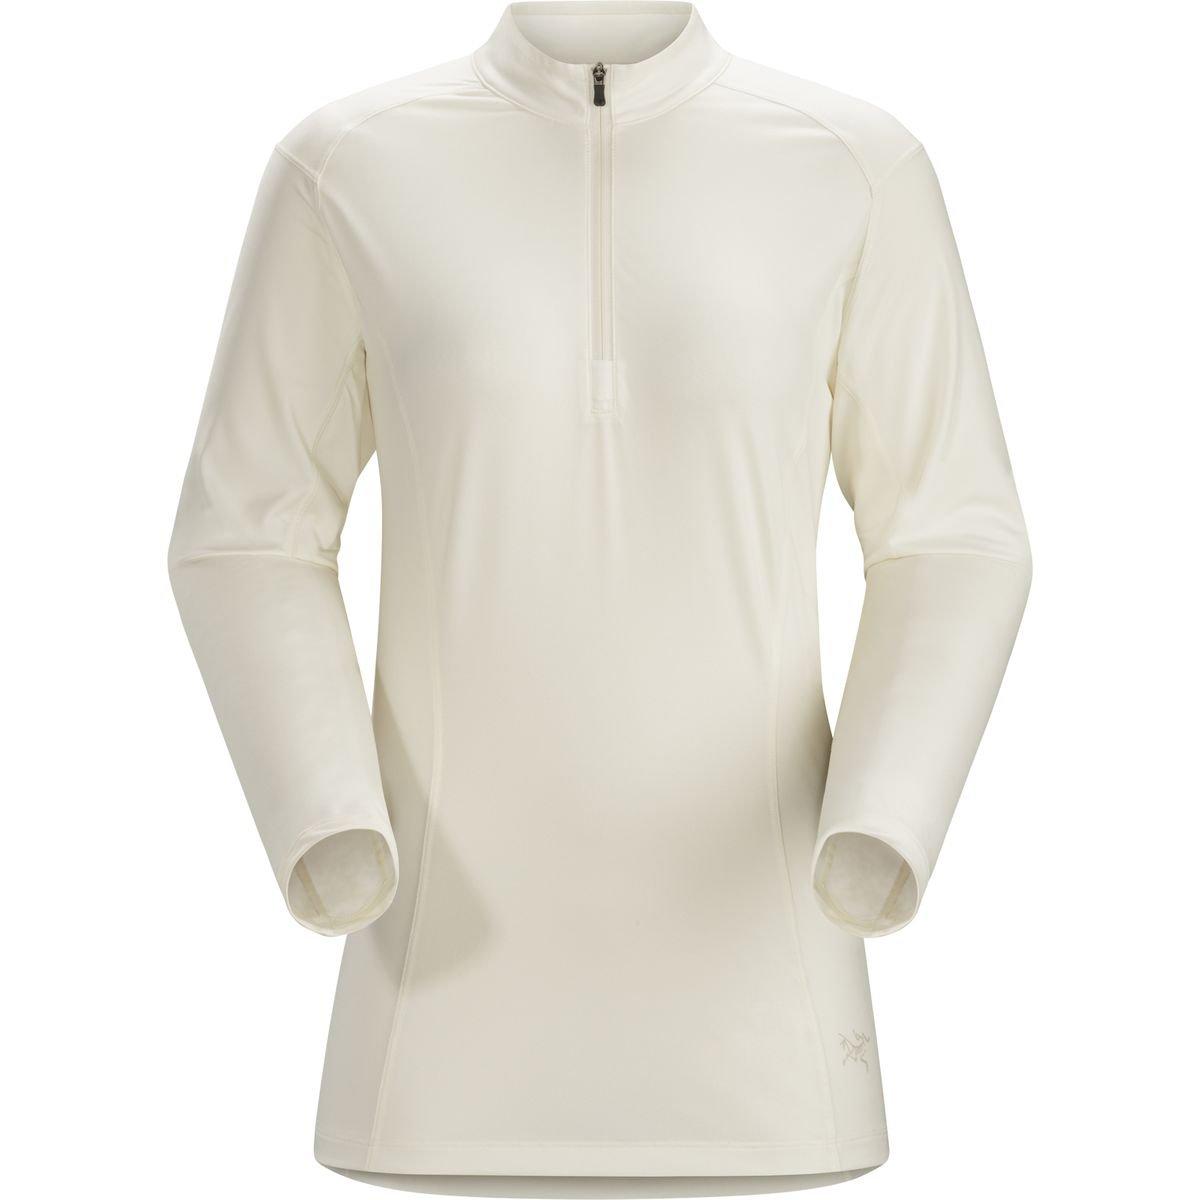 (アークテリクス) Arc'teryx Skeena Zip-Neck Shirt レディース シャツトップスVintage Ivory [並行輸入品] B06WRNJ21Z Vintage Ivory L